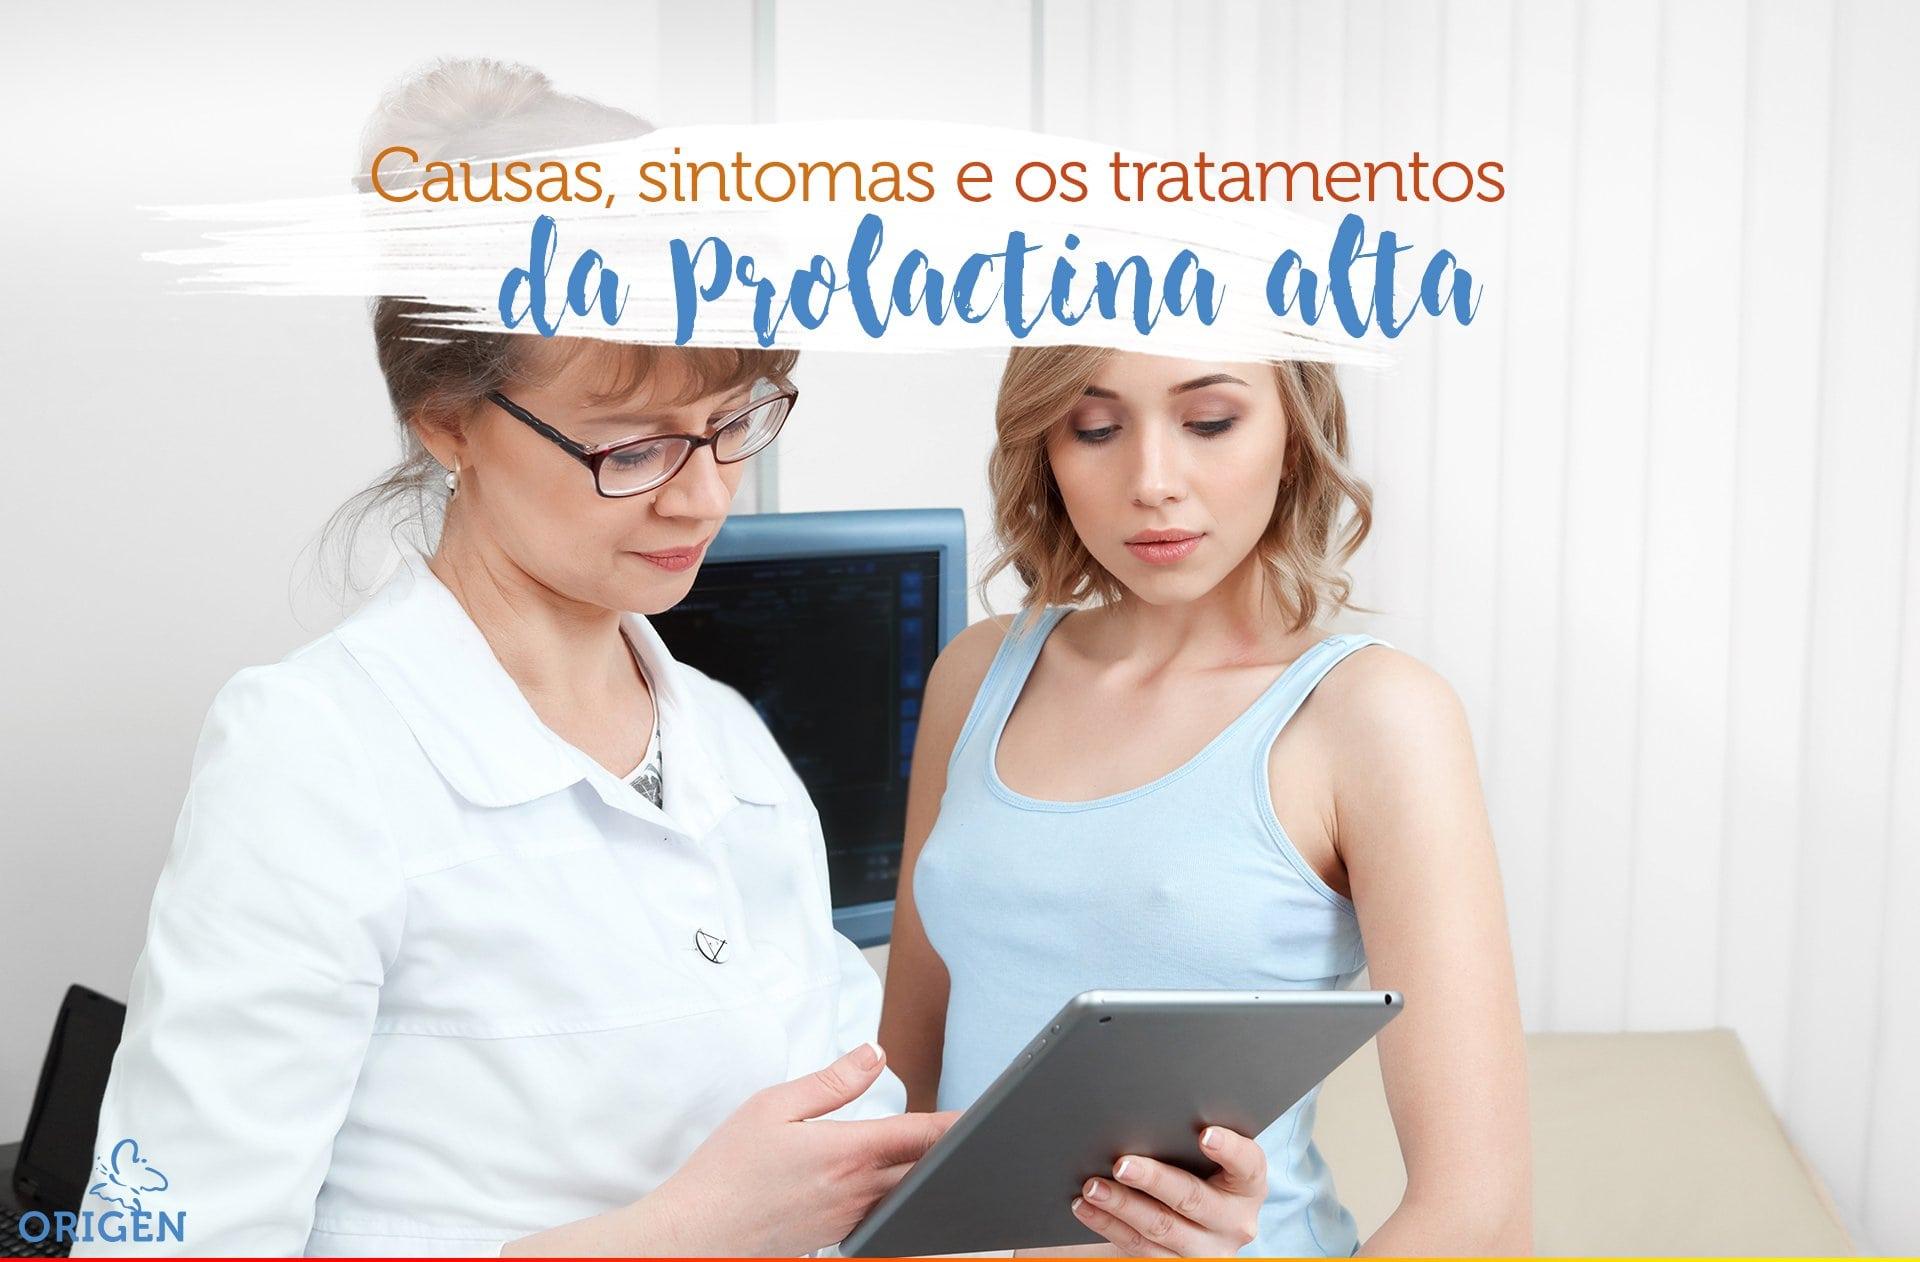 Prolactina alta: conheça as causas, os sintomas e os tratamentos